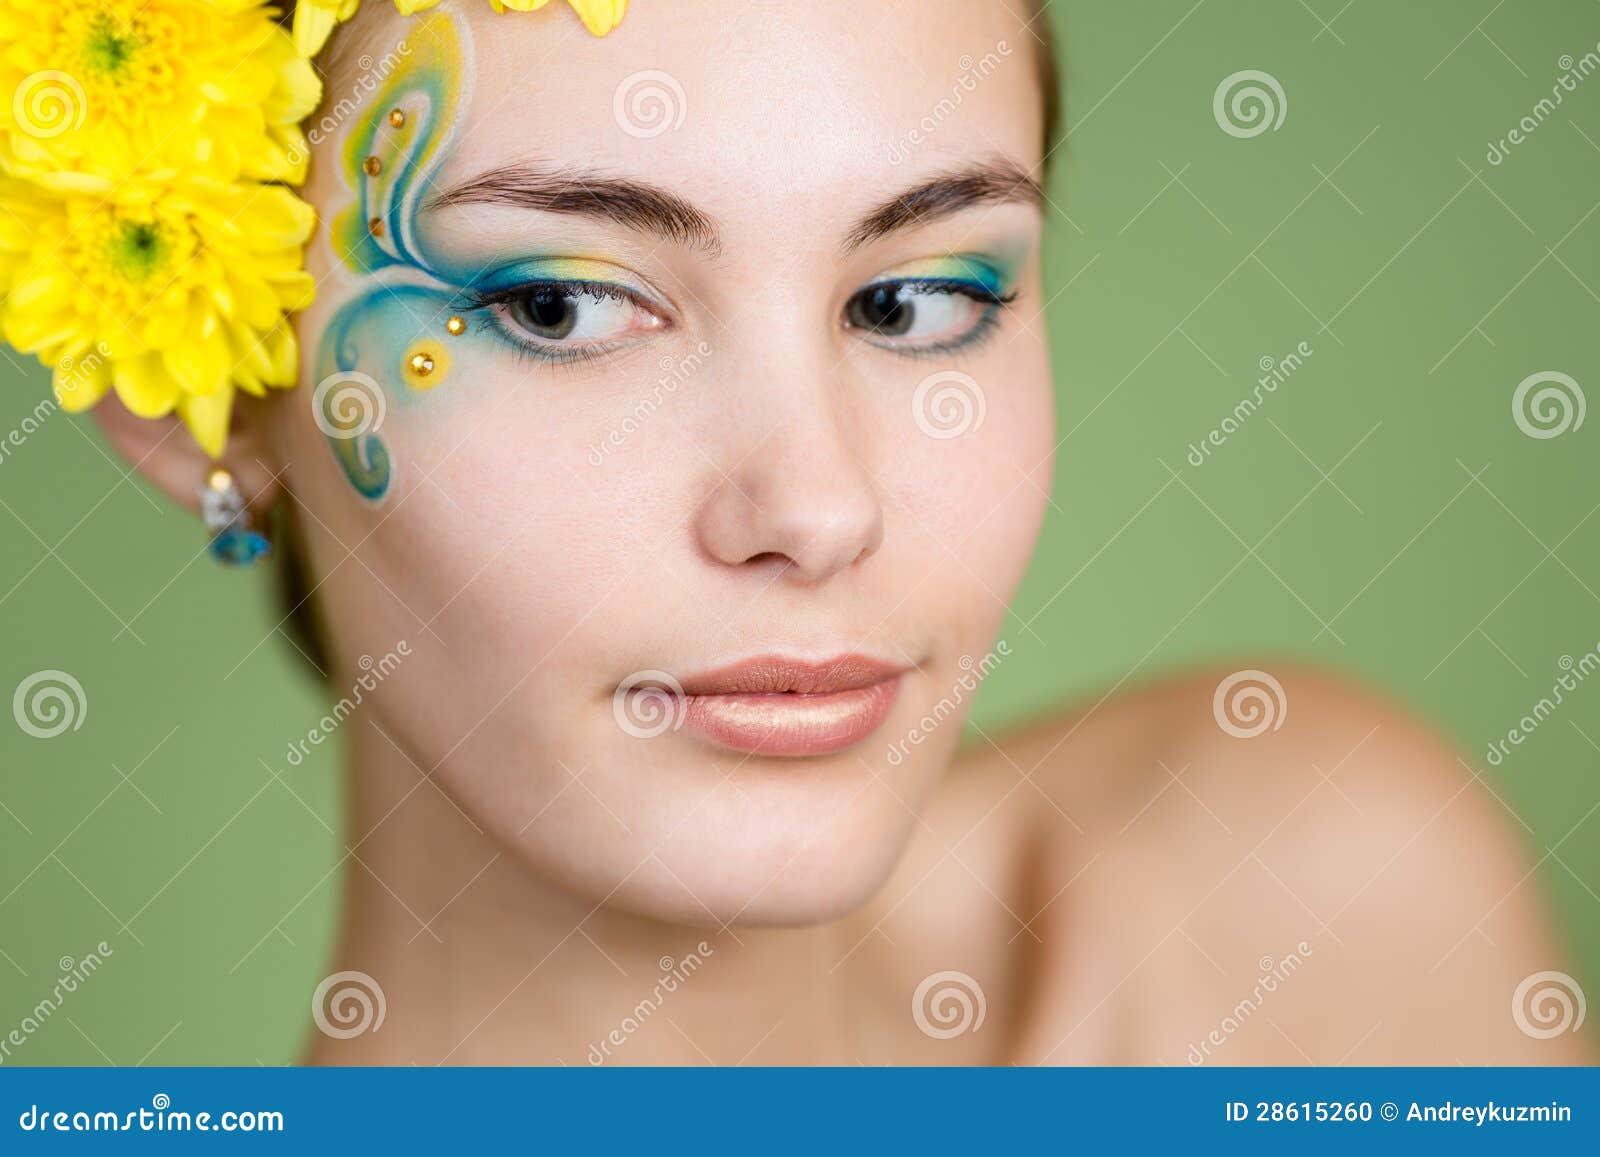 Макияж на лице цветы